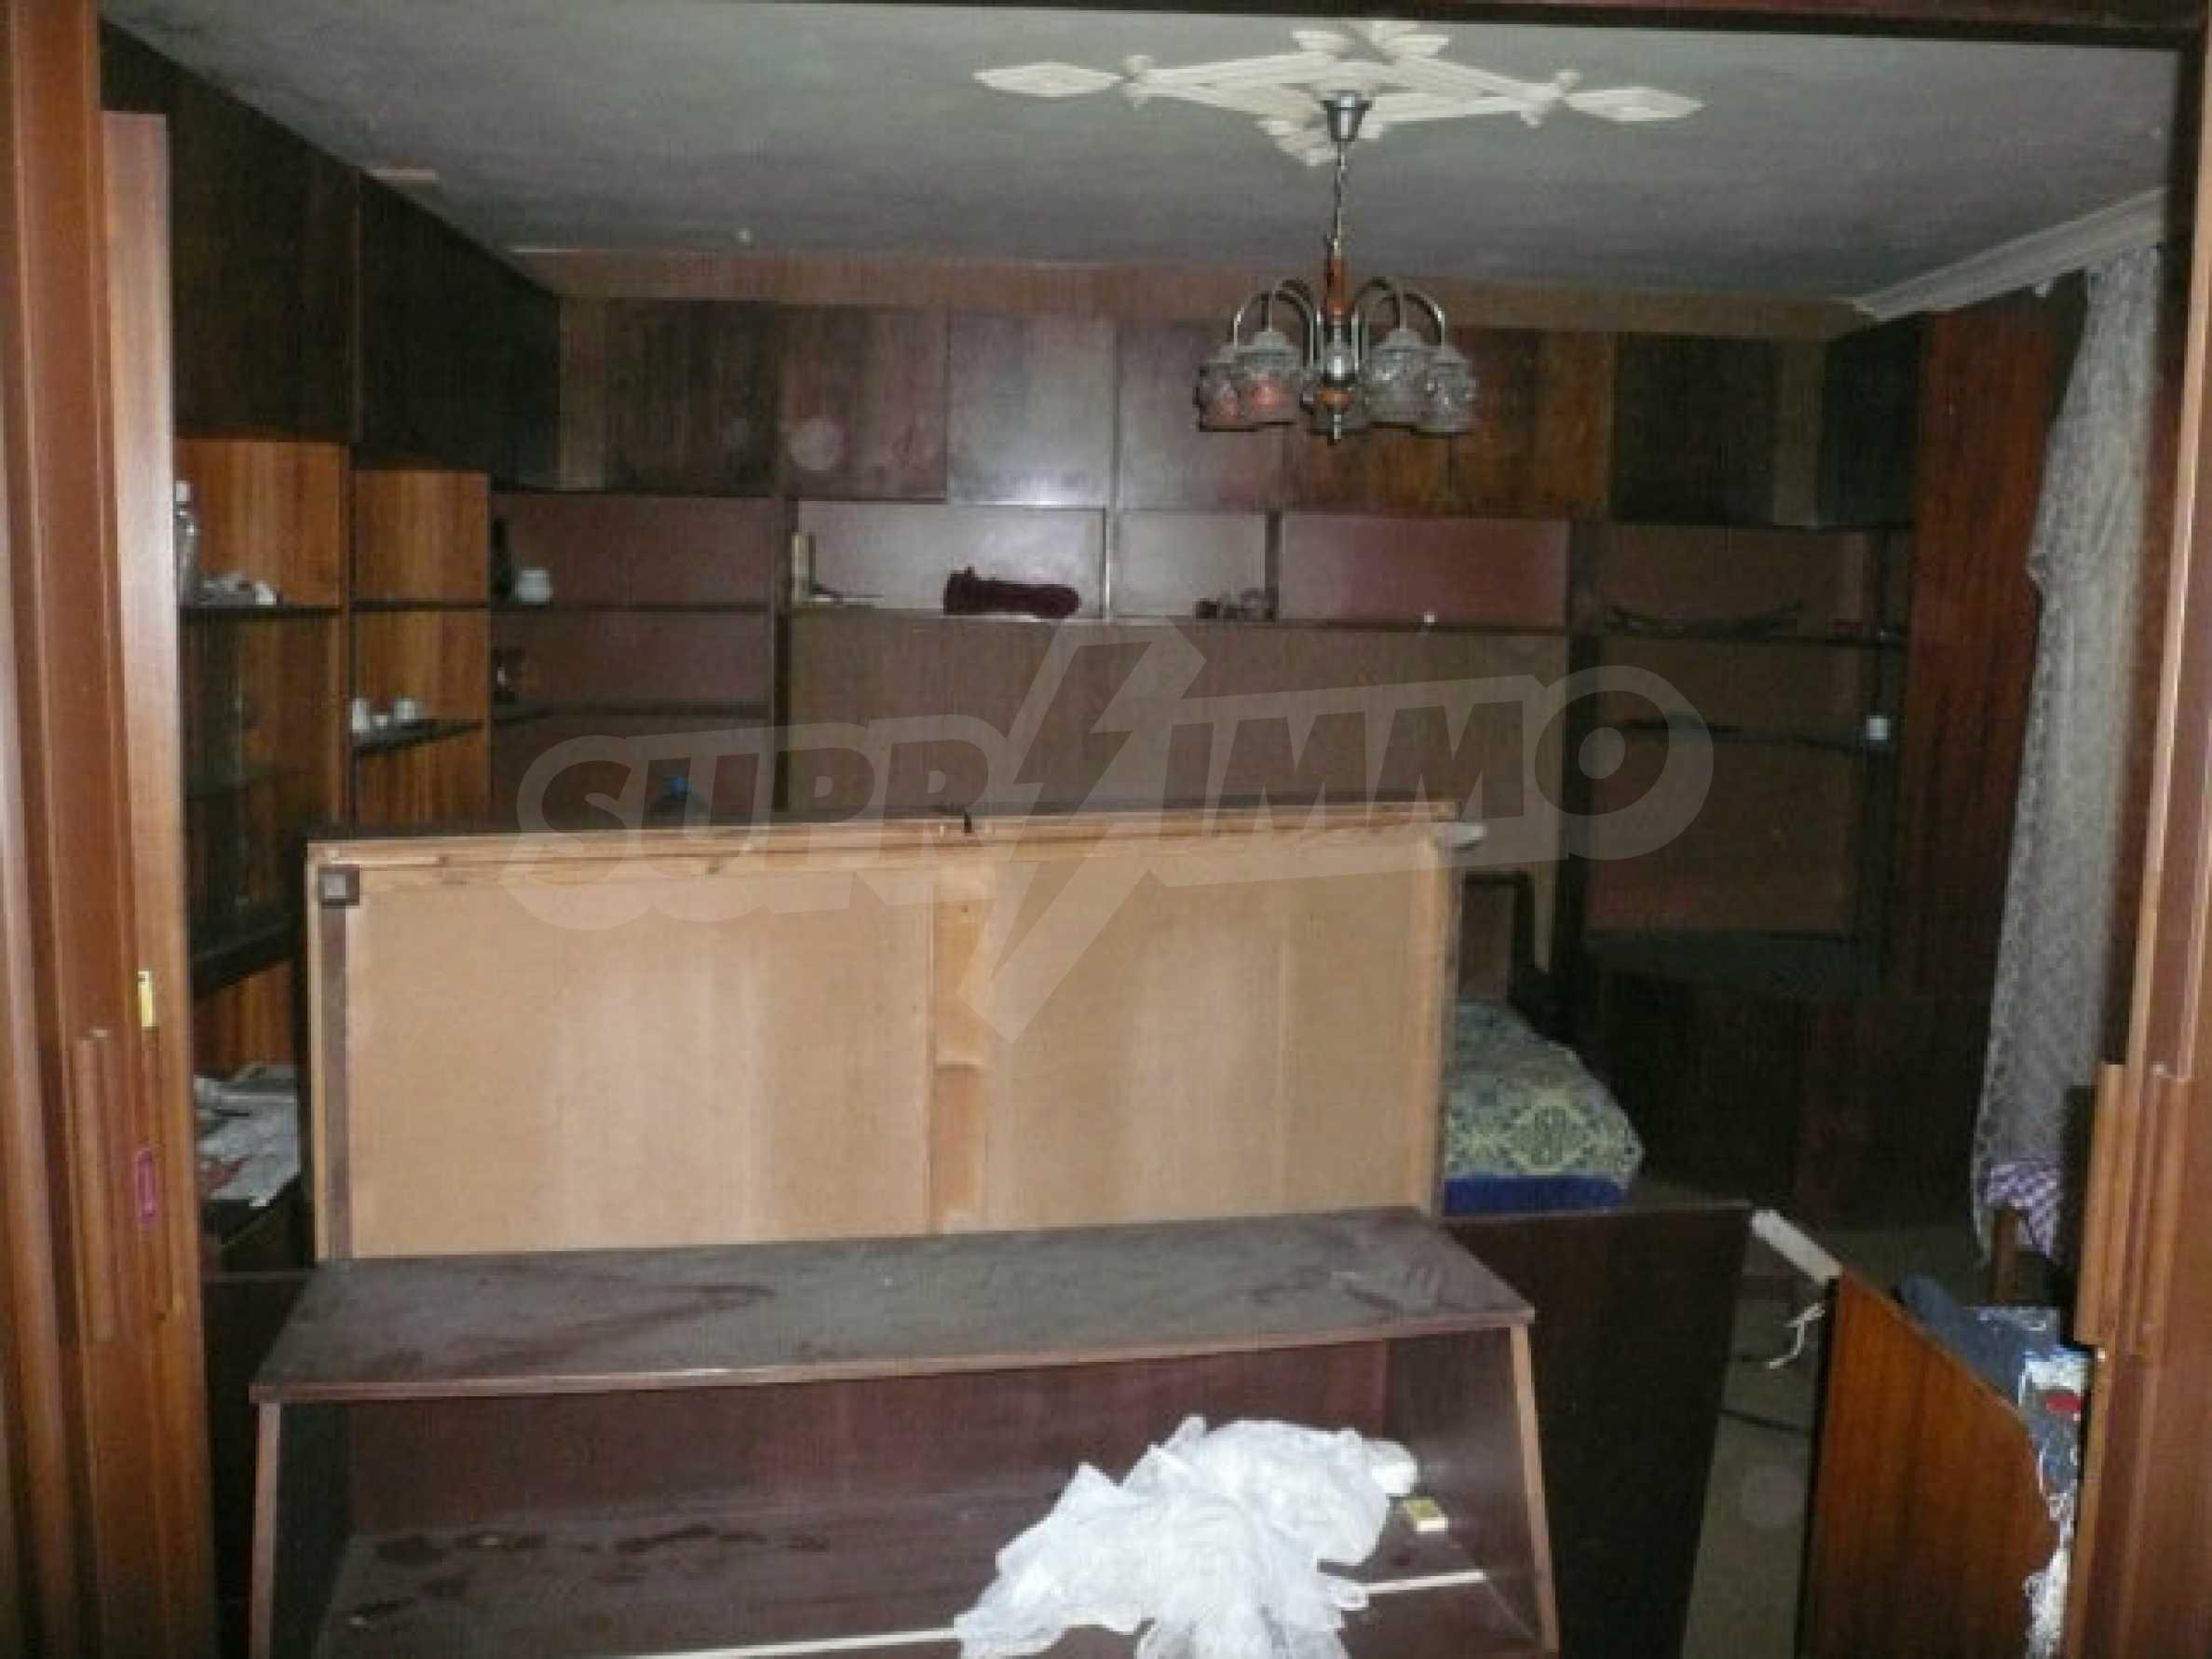 Haus zum Verkauf in der Nähe von Vidin, Bulgarien 14